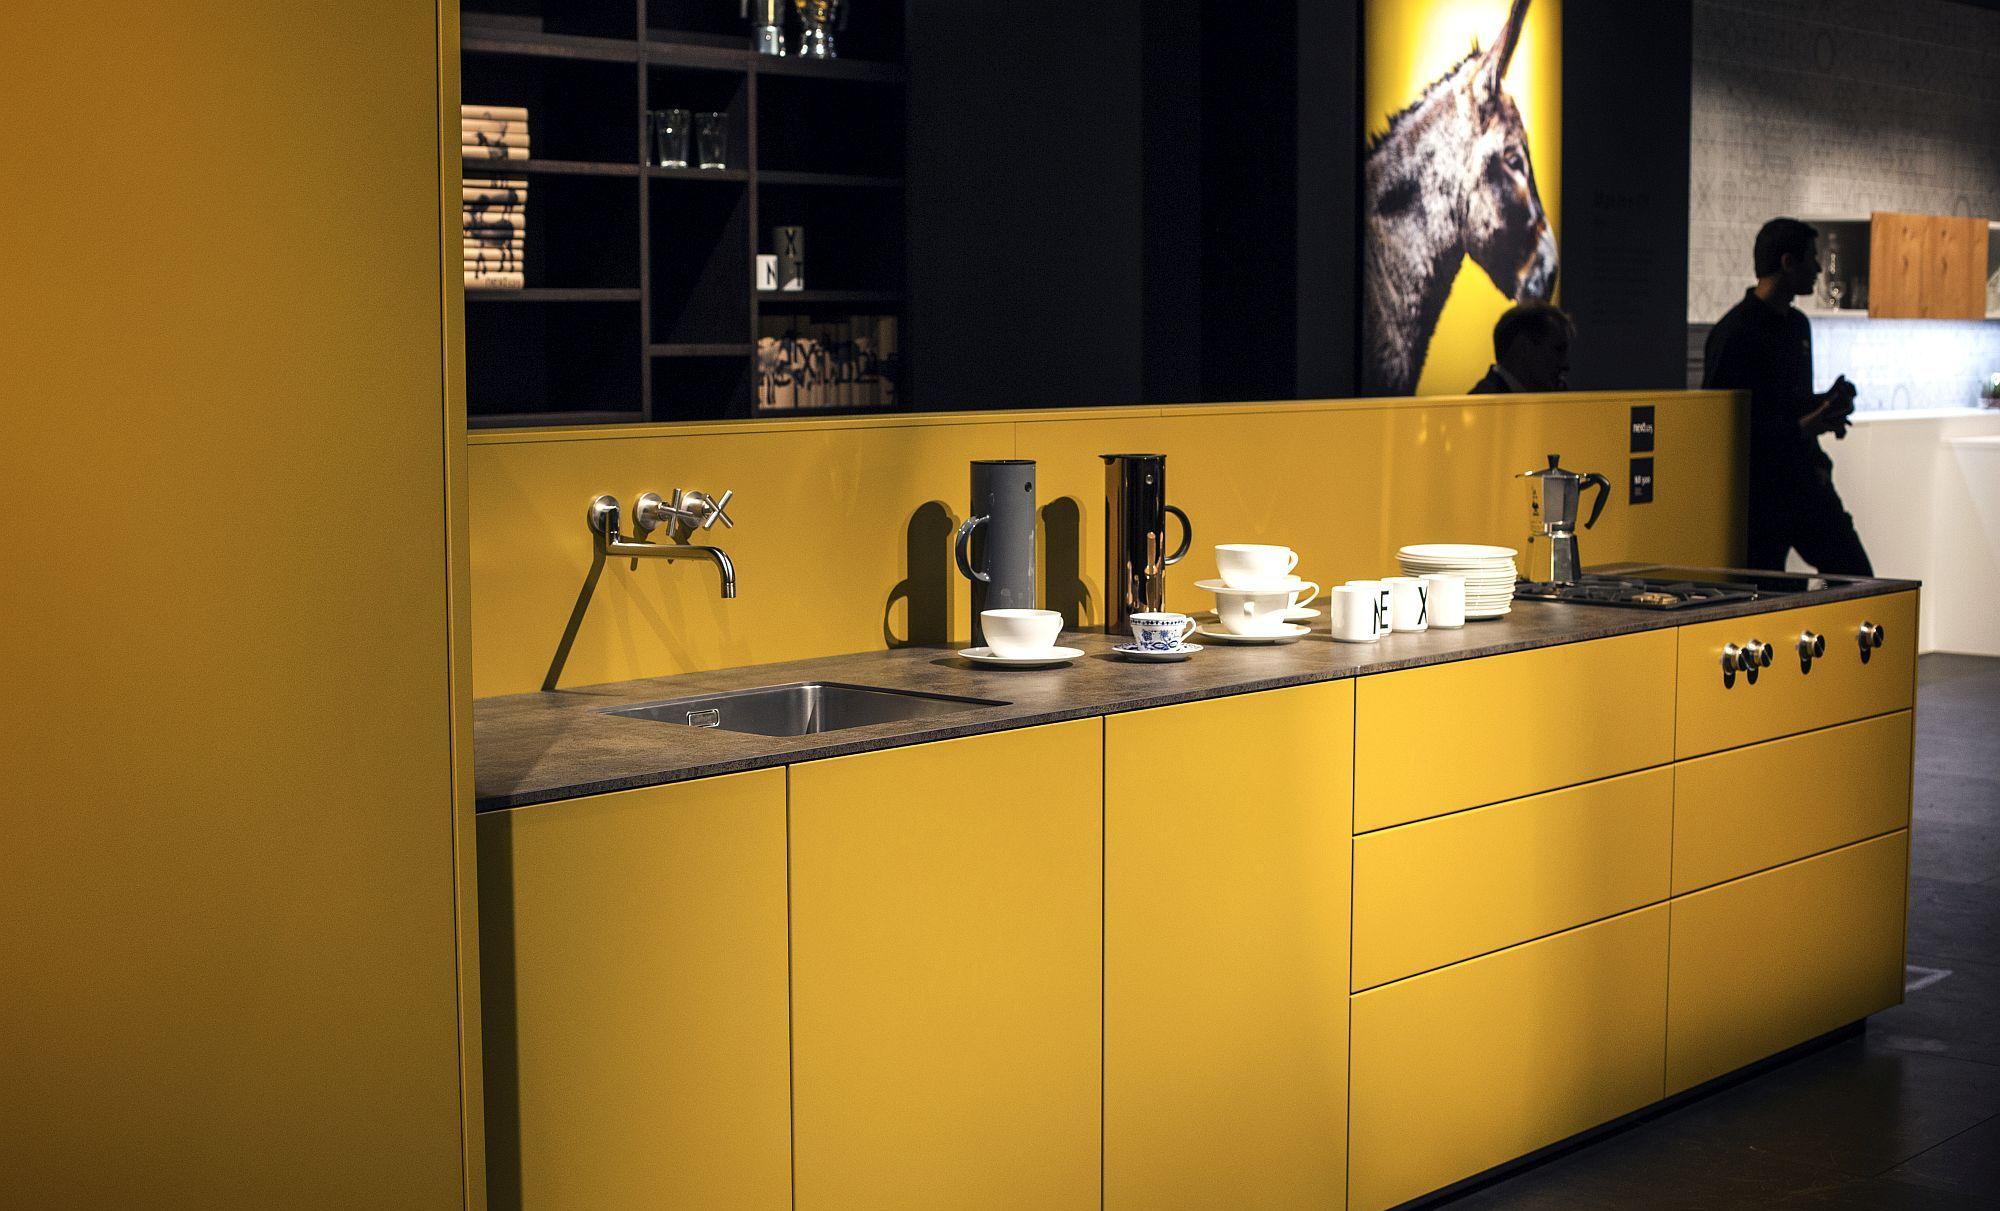 Дизайн интерьера и мебели для маленькой кухни: небольшой гарнитур - фото 3